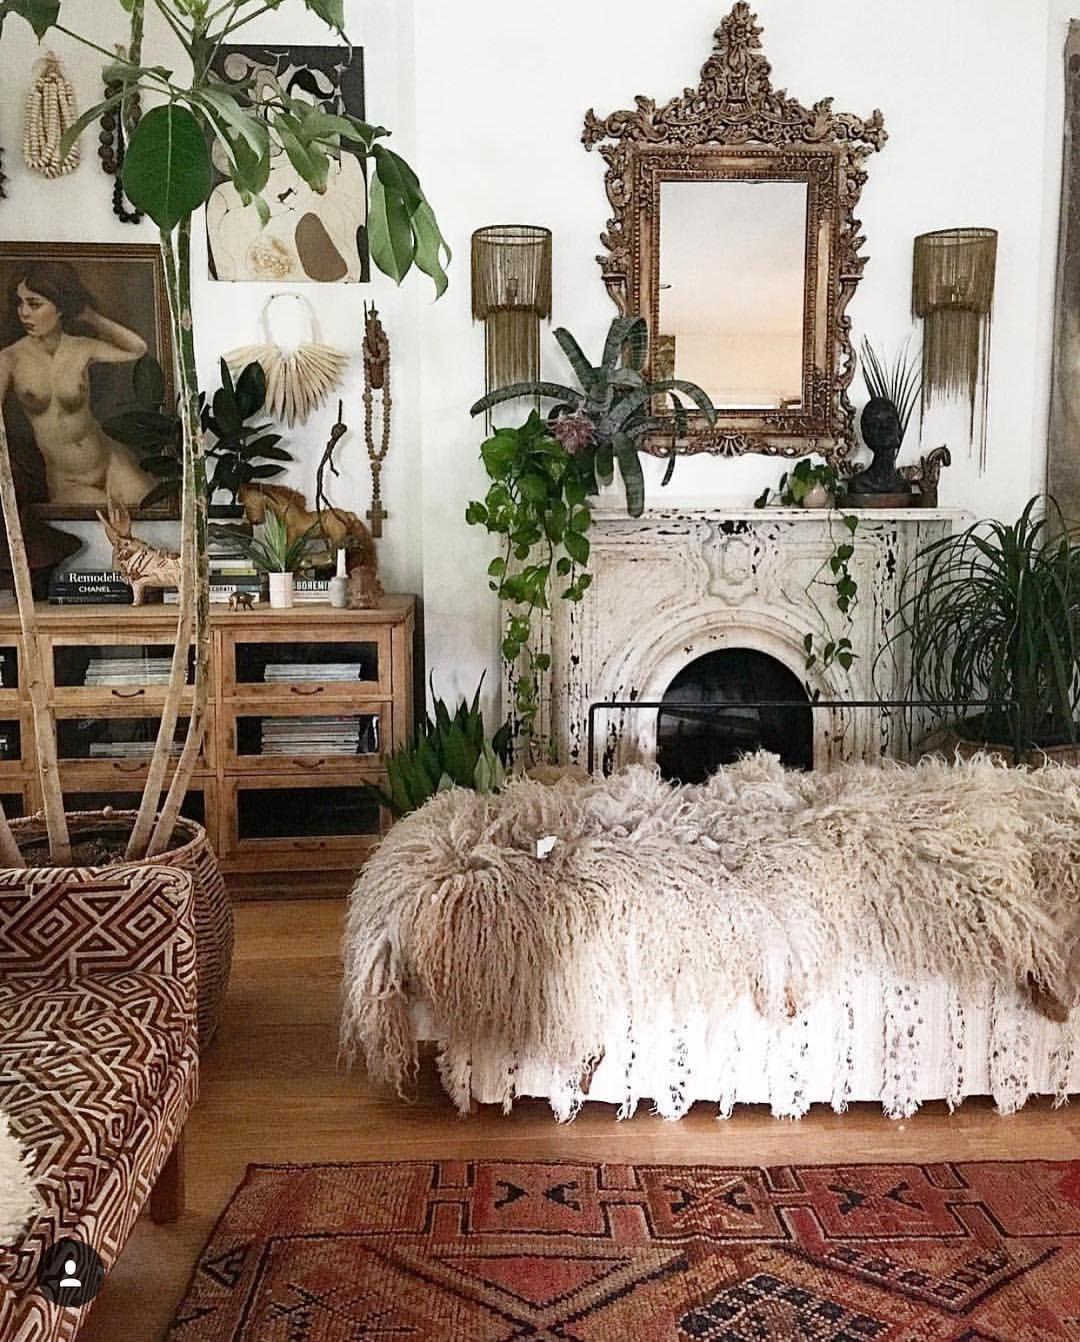 Fleamarketfab Unique Home Decor Home Decor Decor